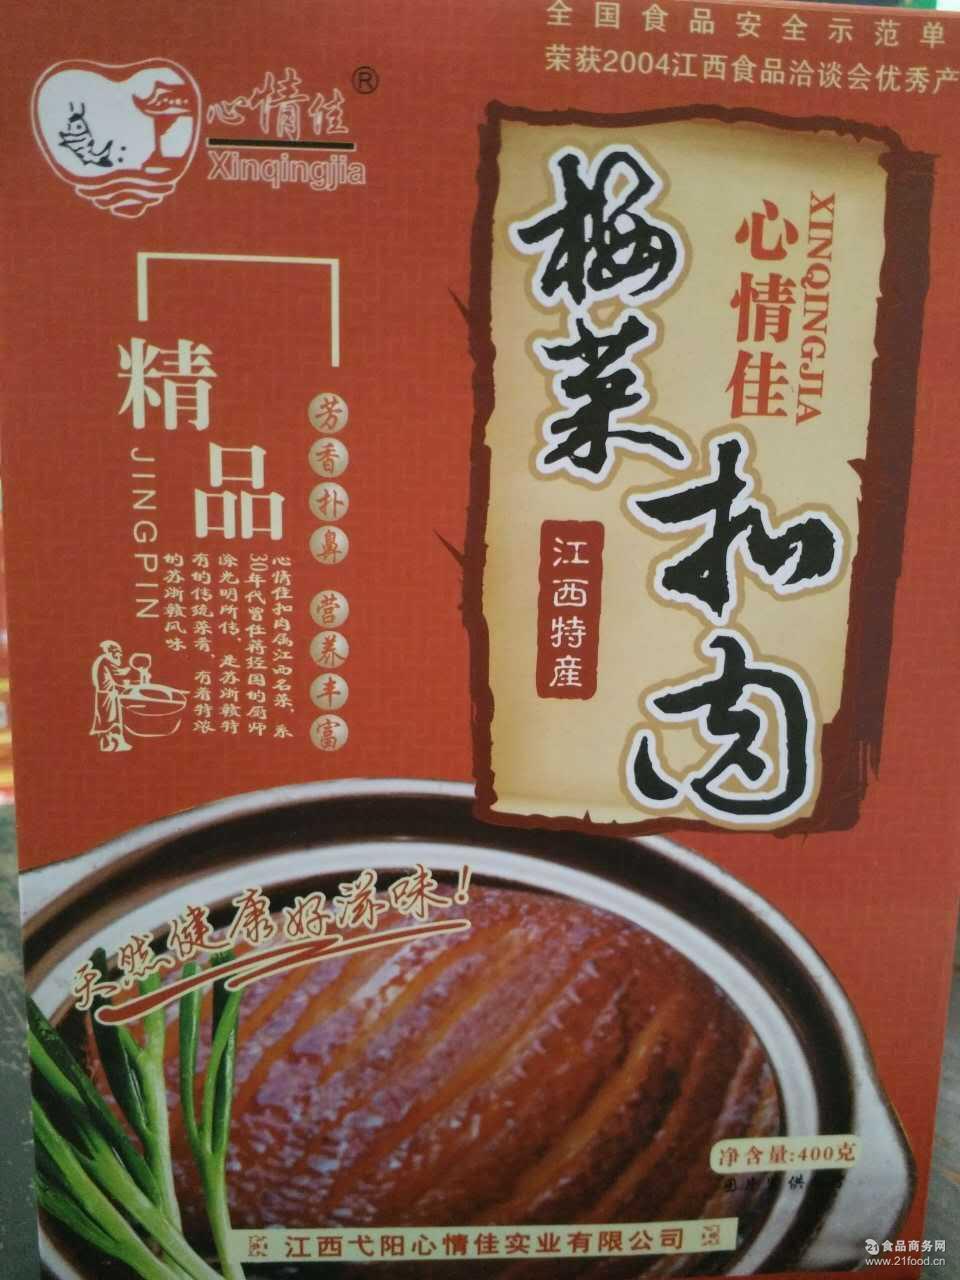 江西特产梅菜扣肉厂家 公司礼品 速食礼盒装 包装成品菜 酒店